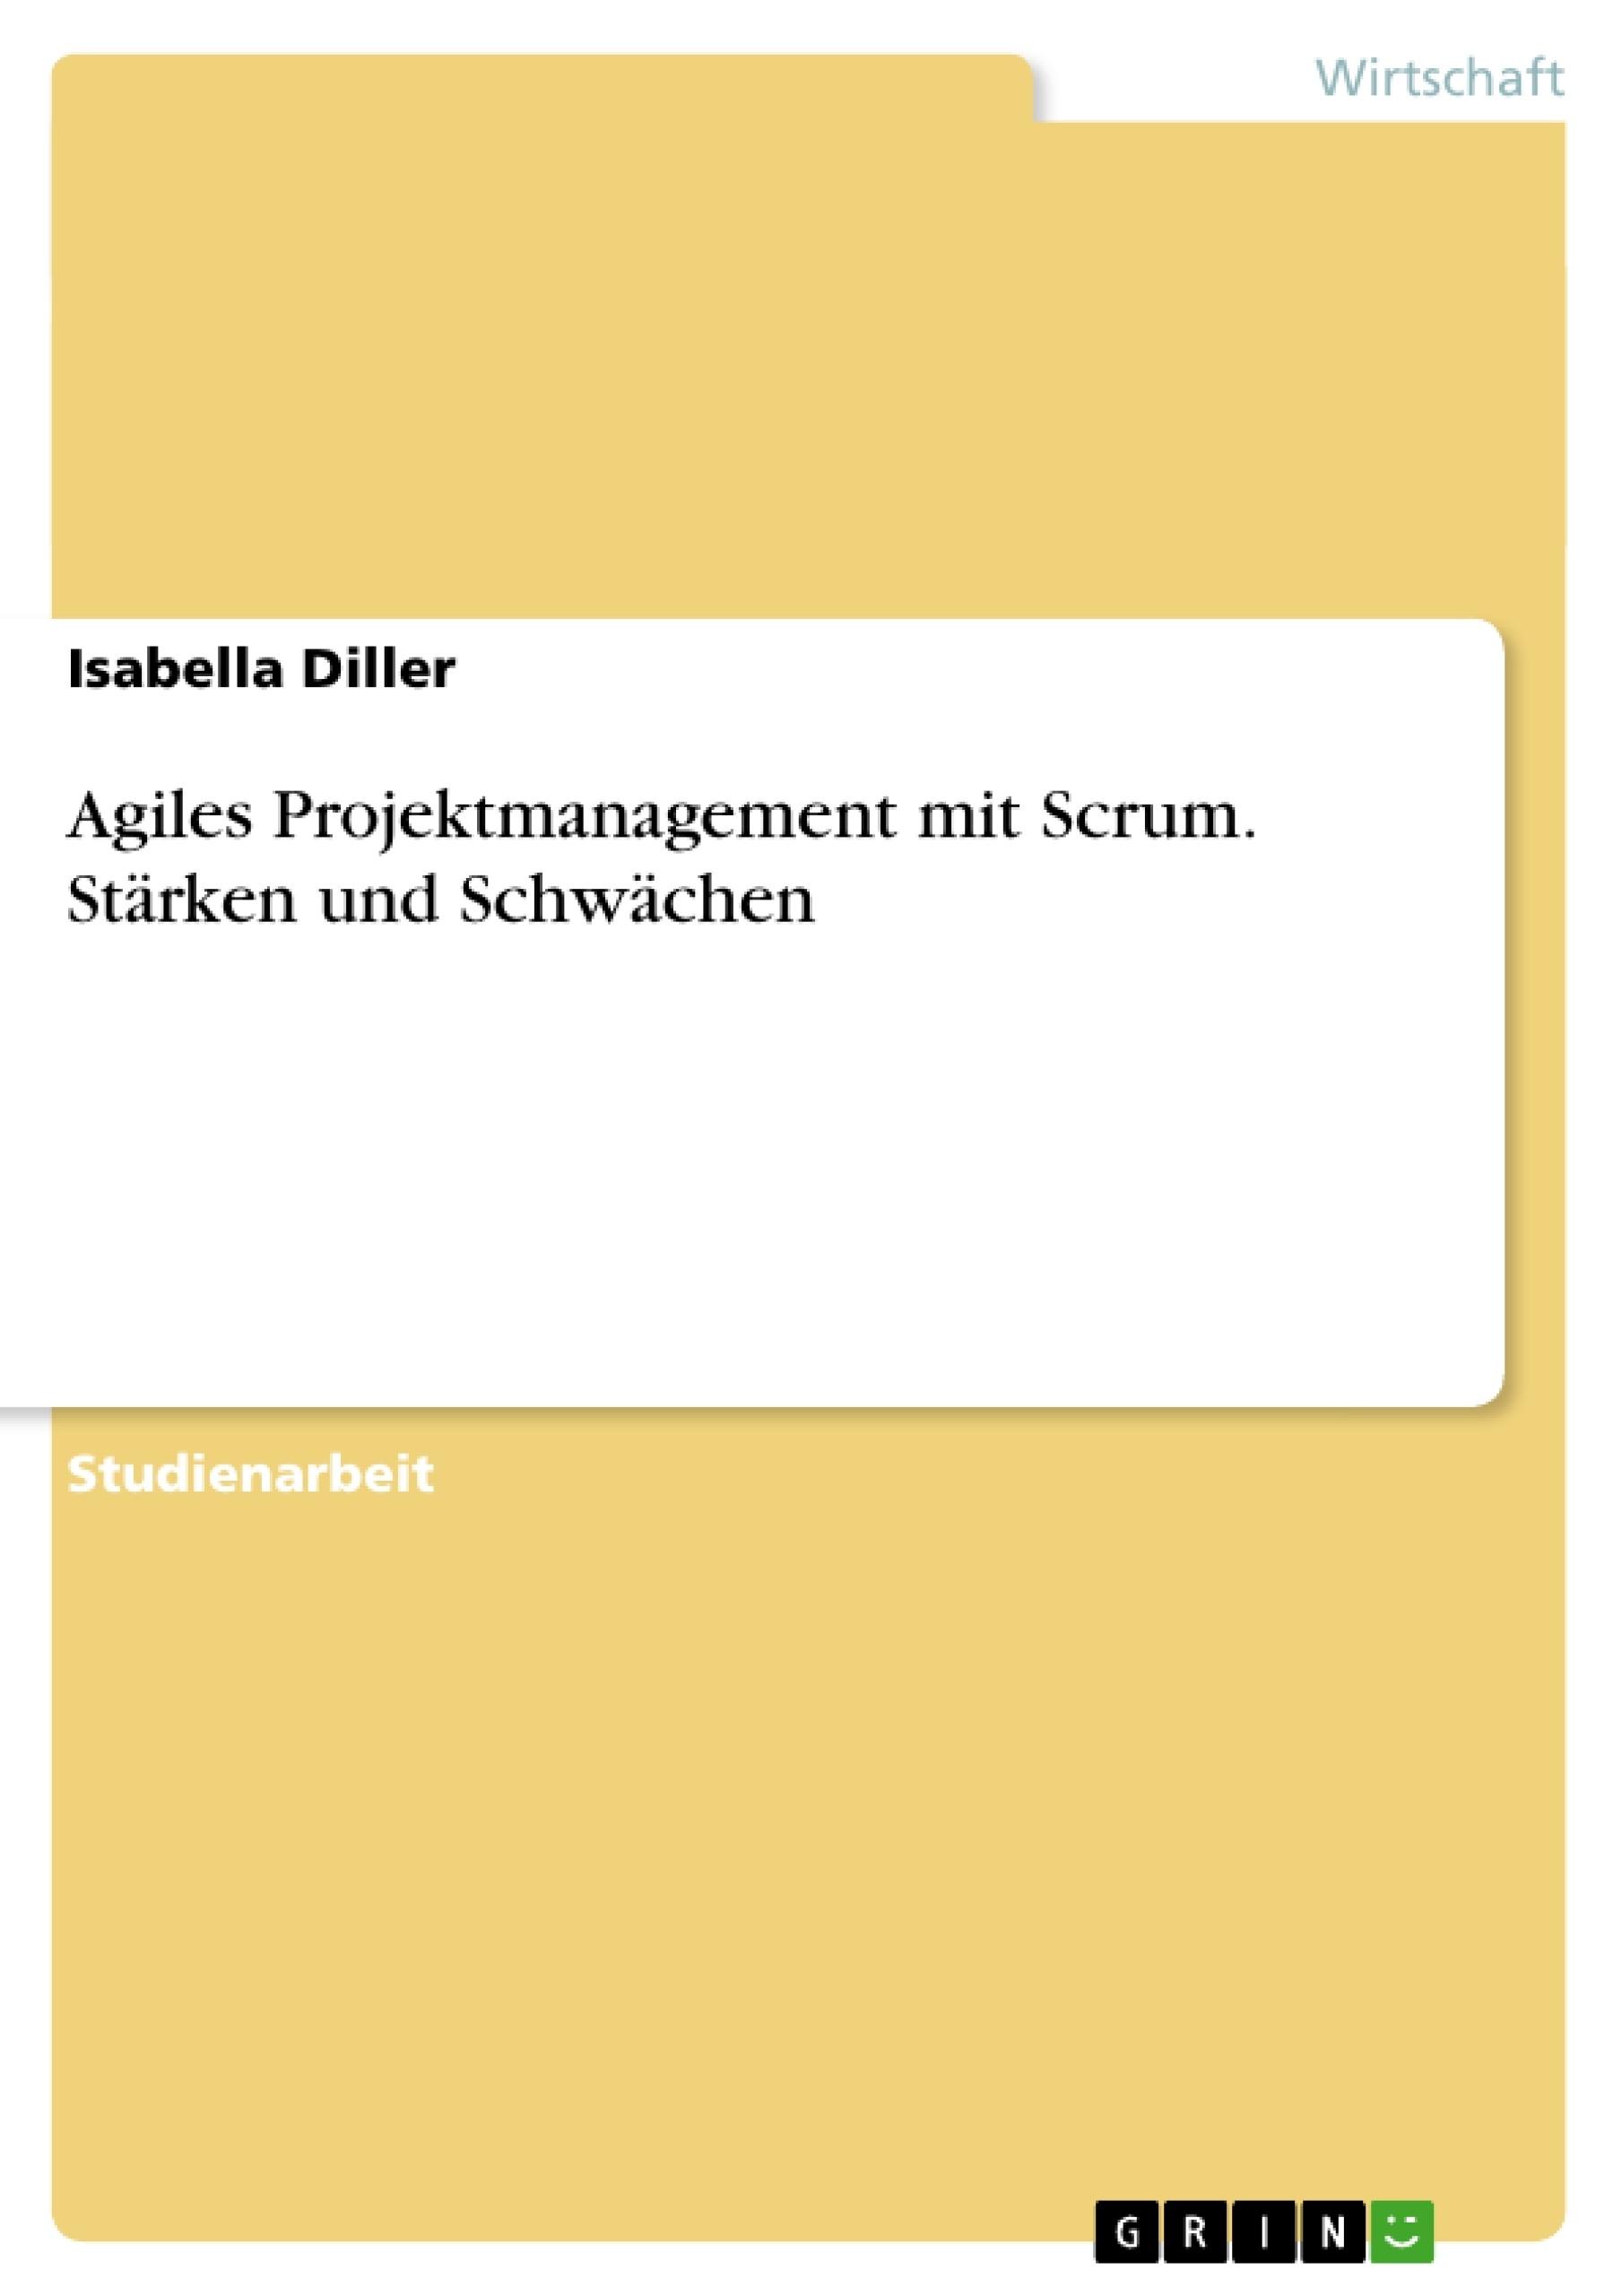 Titel: Agiles Projektmanagement mit Scrum. Stärken und Schwächen